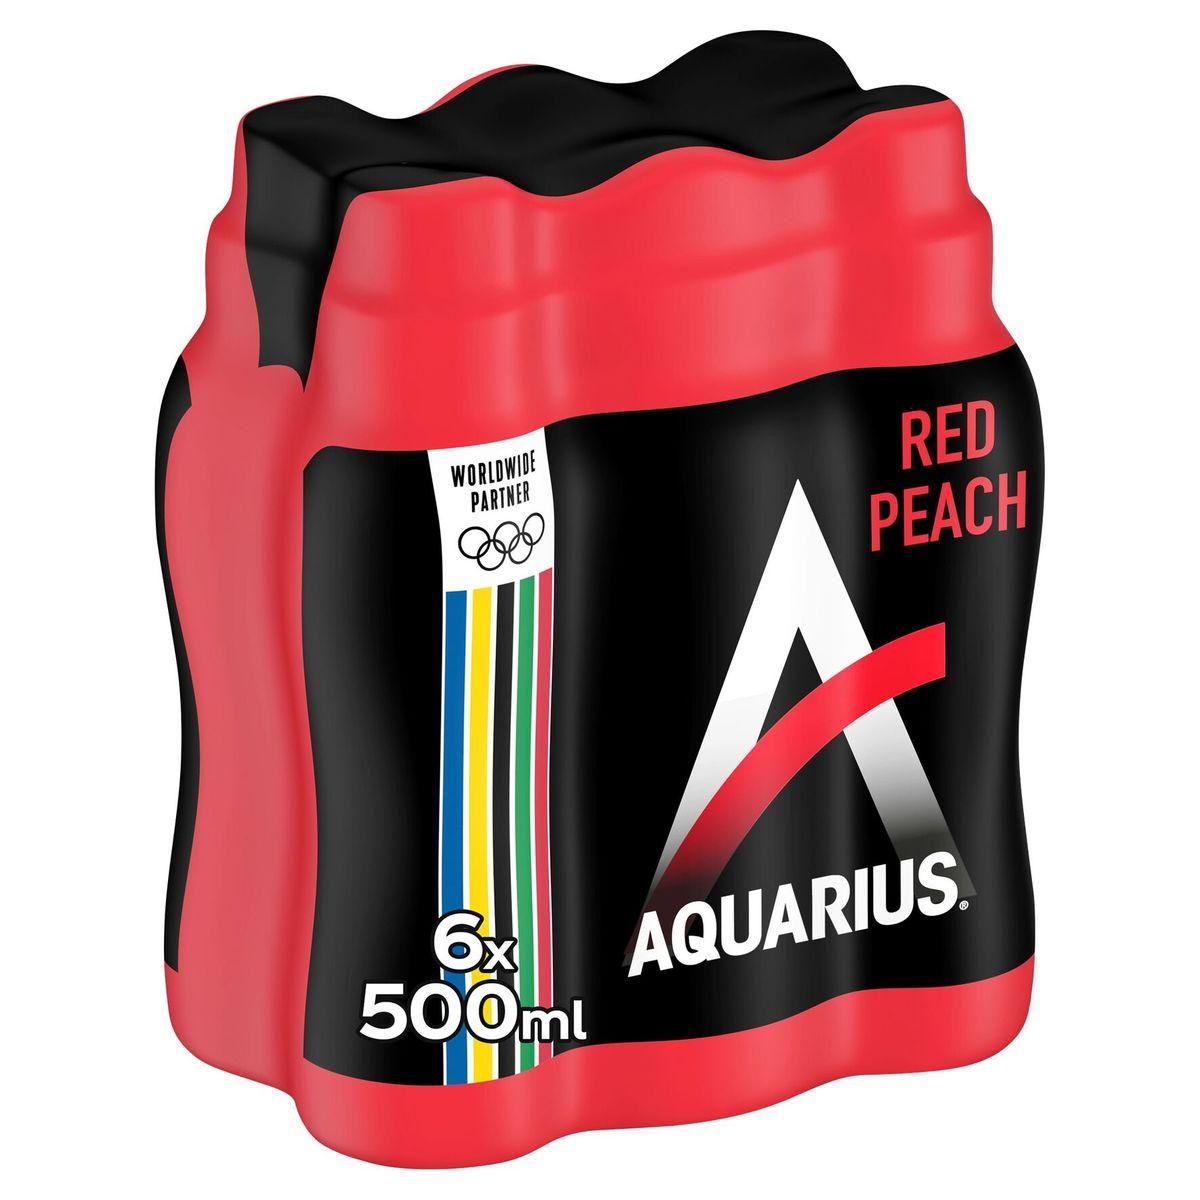 Aquarius Red Peach 6 x 500 ml